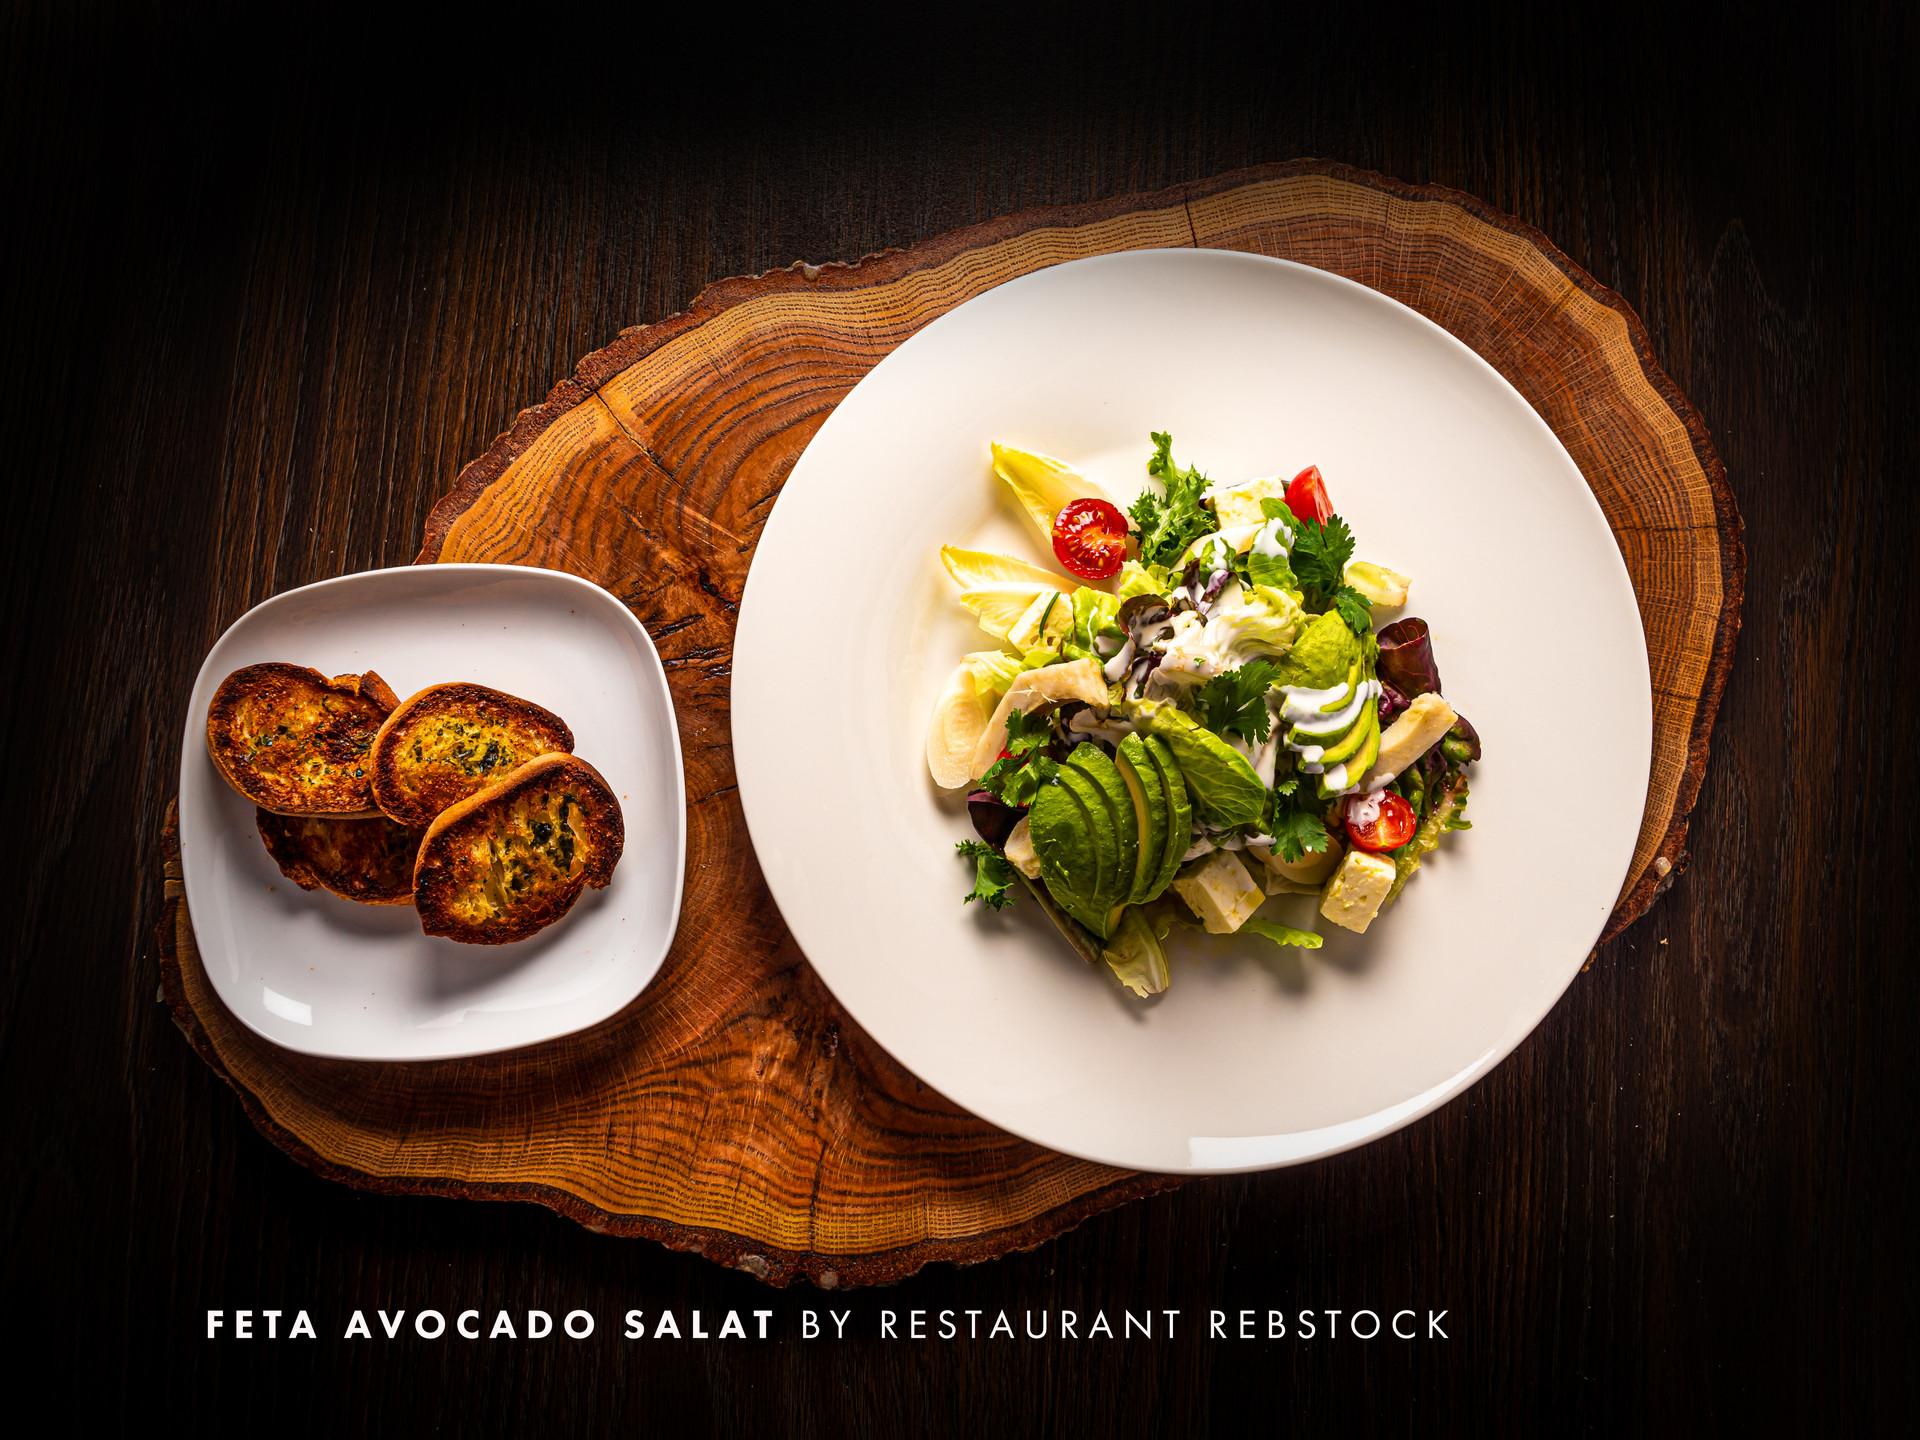 Restaurant_Rebstock_Feta_Avocado